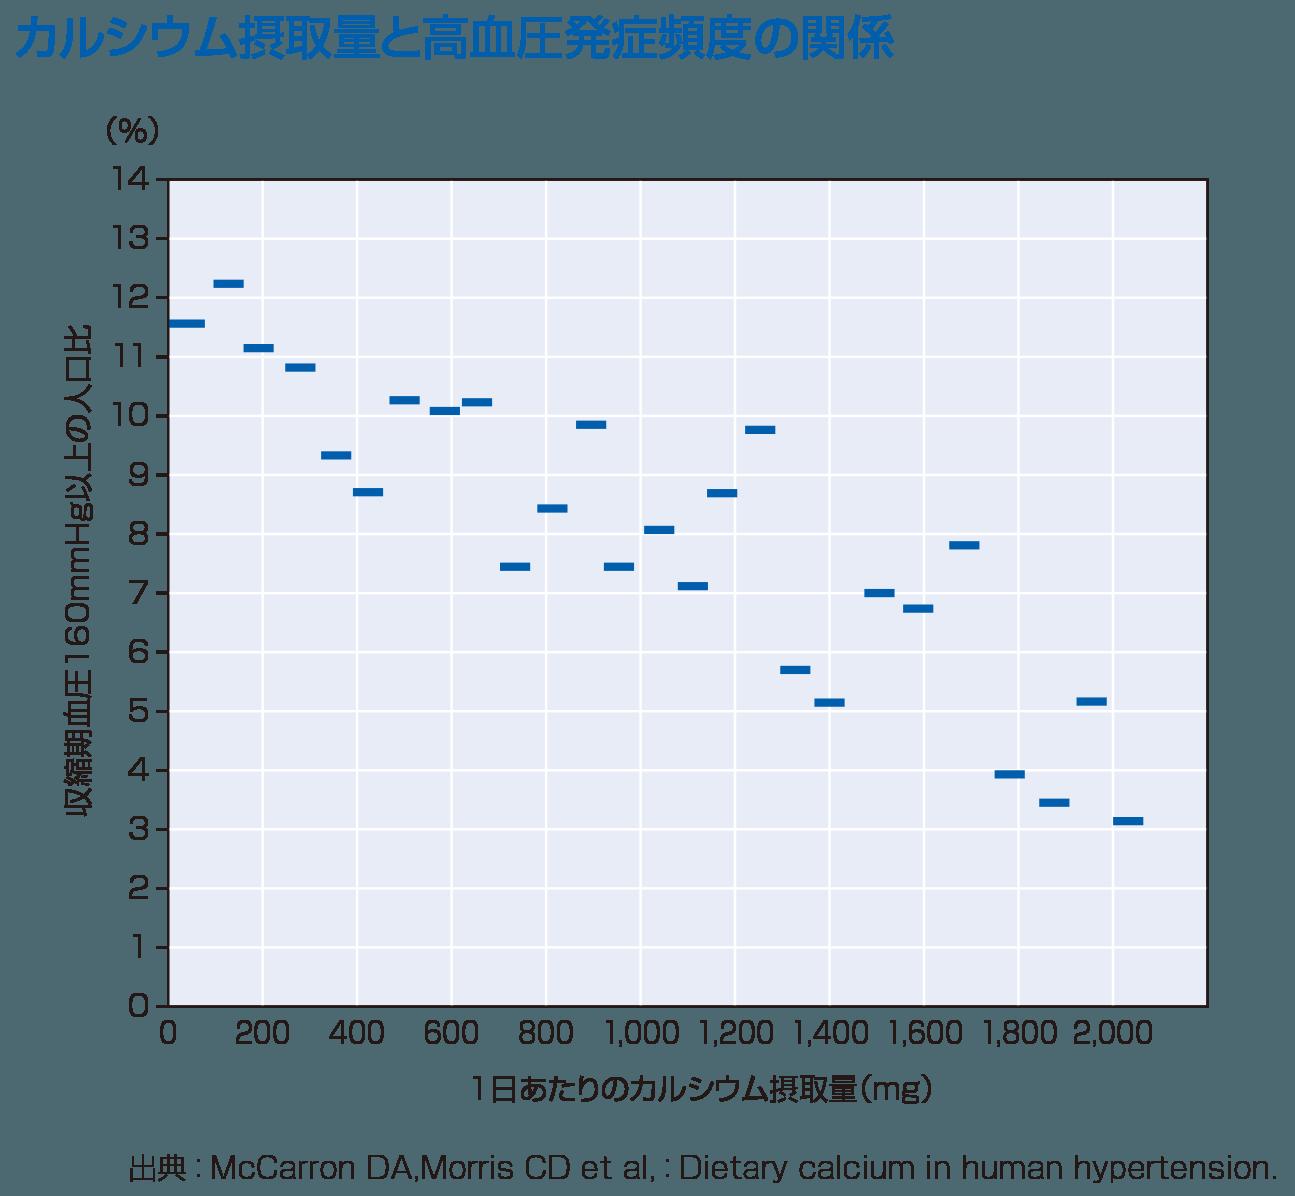 カルシウム摂取量と高血圧発症頻度の関係